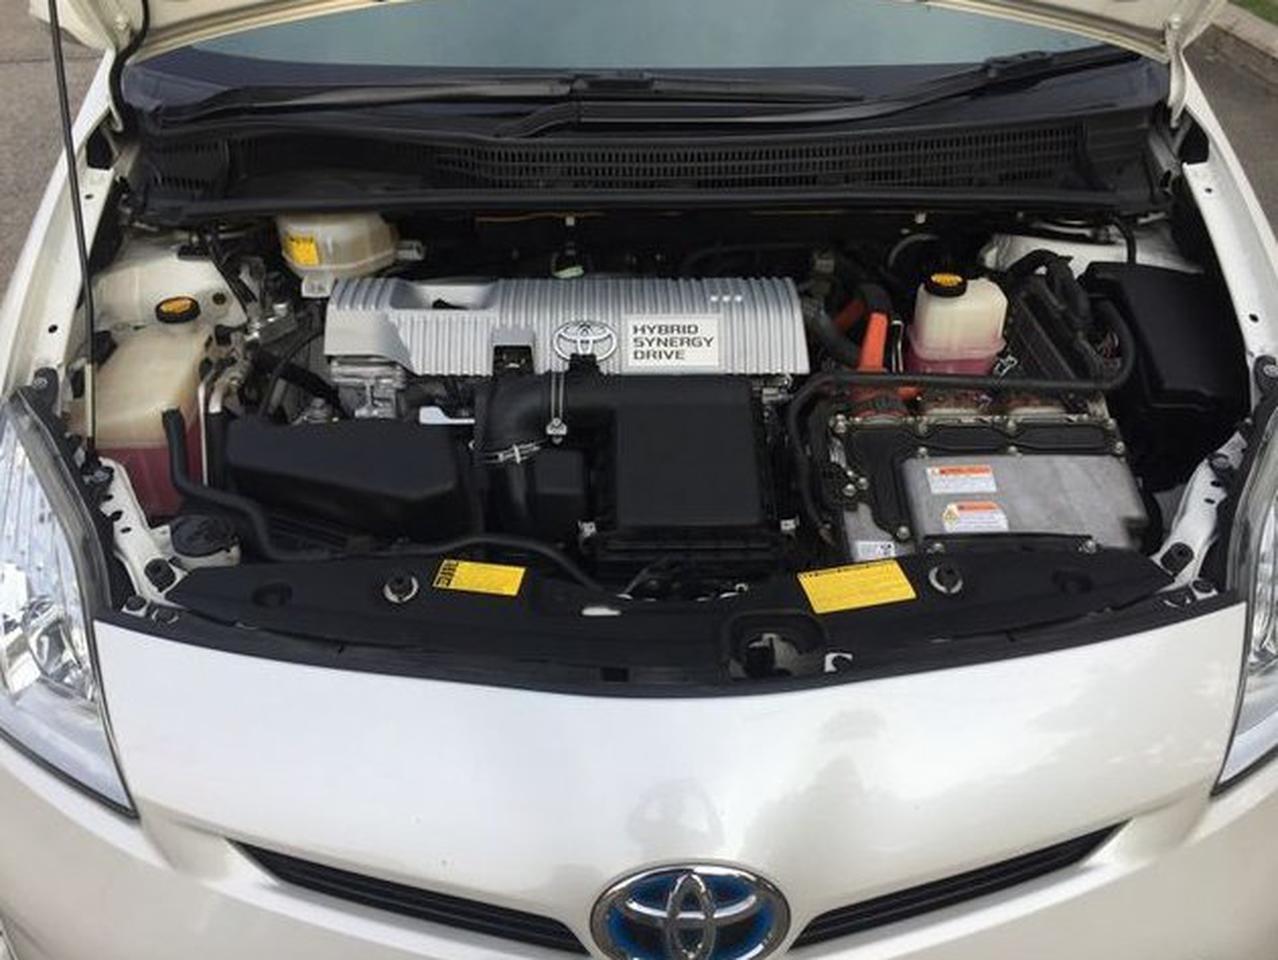 ขายรถยนต์ Toyota Prius ลำลูกกา ปทุมธานี รูปที่ 4